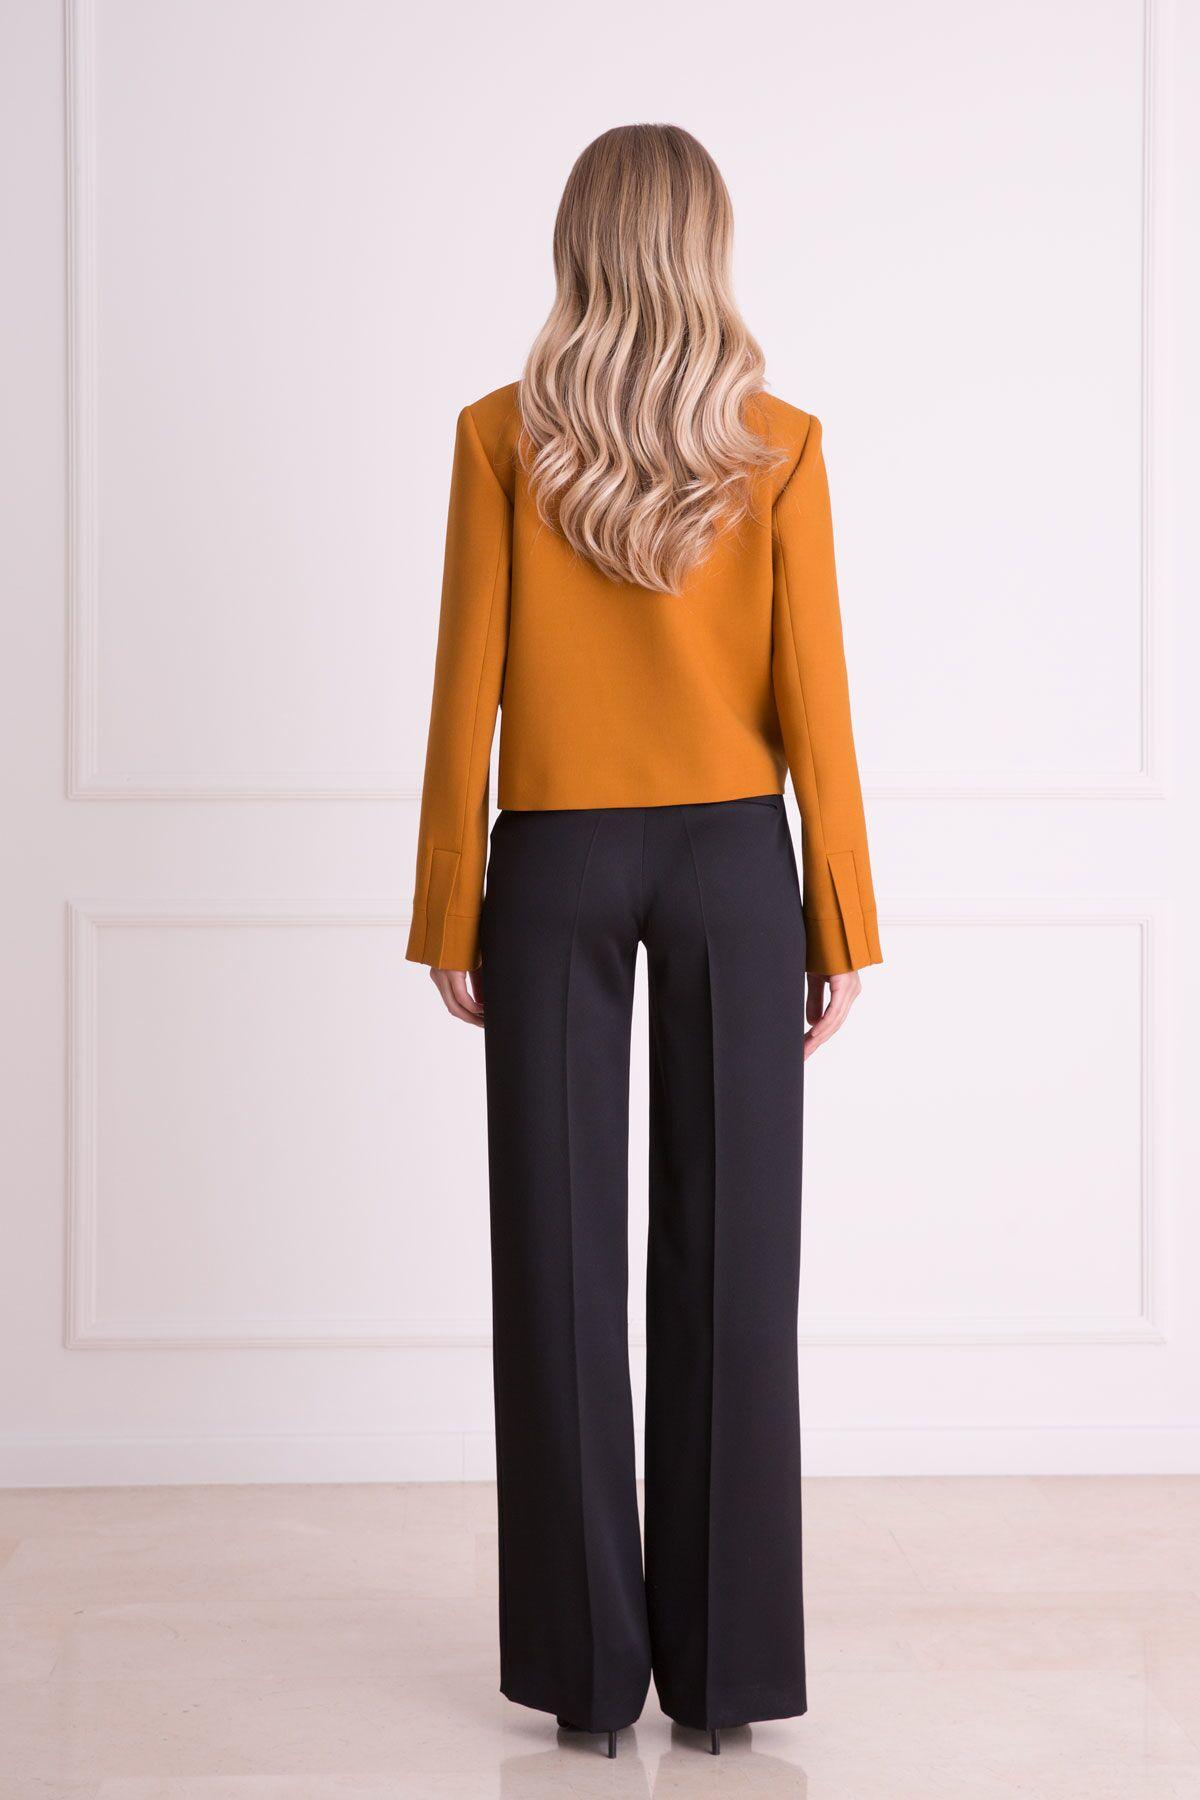 Hardal Rengi Taş İşlemeli Kısa Ceket